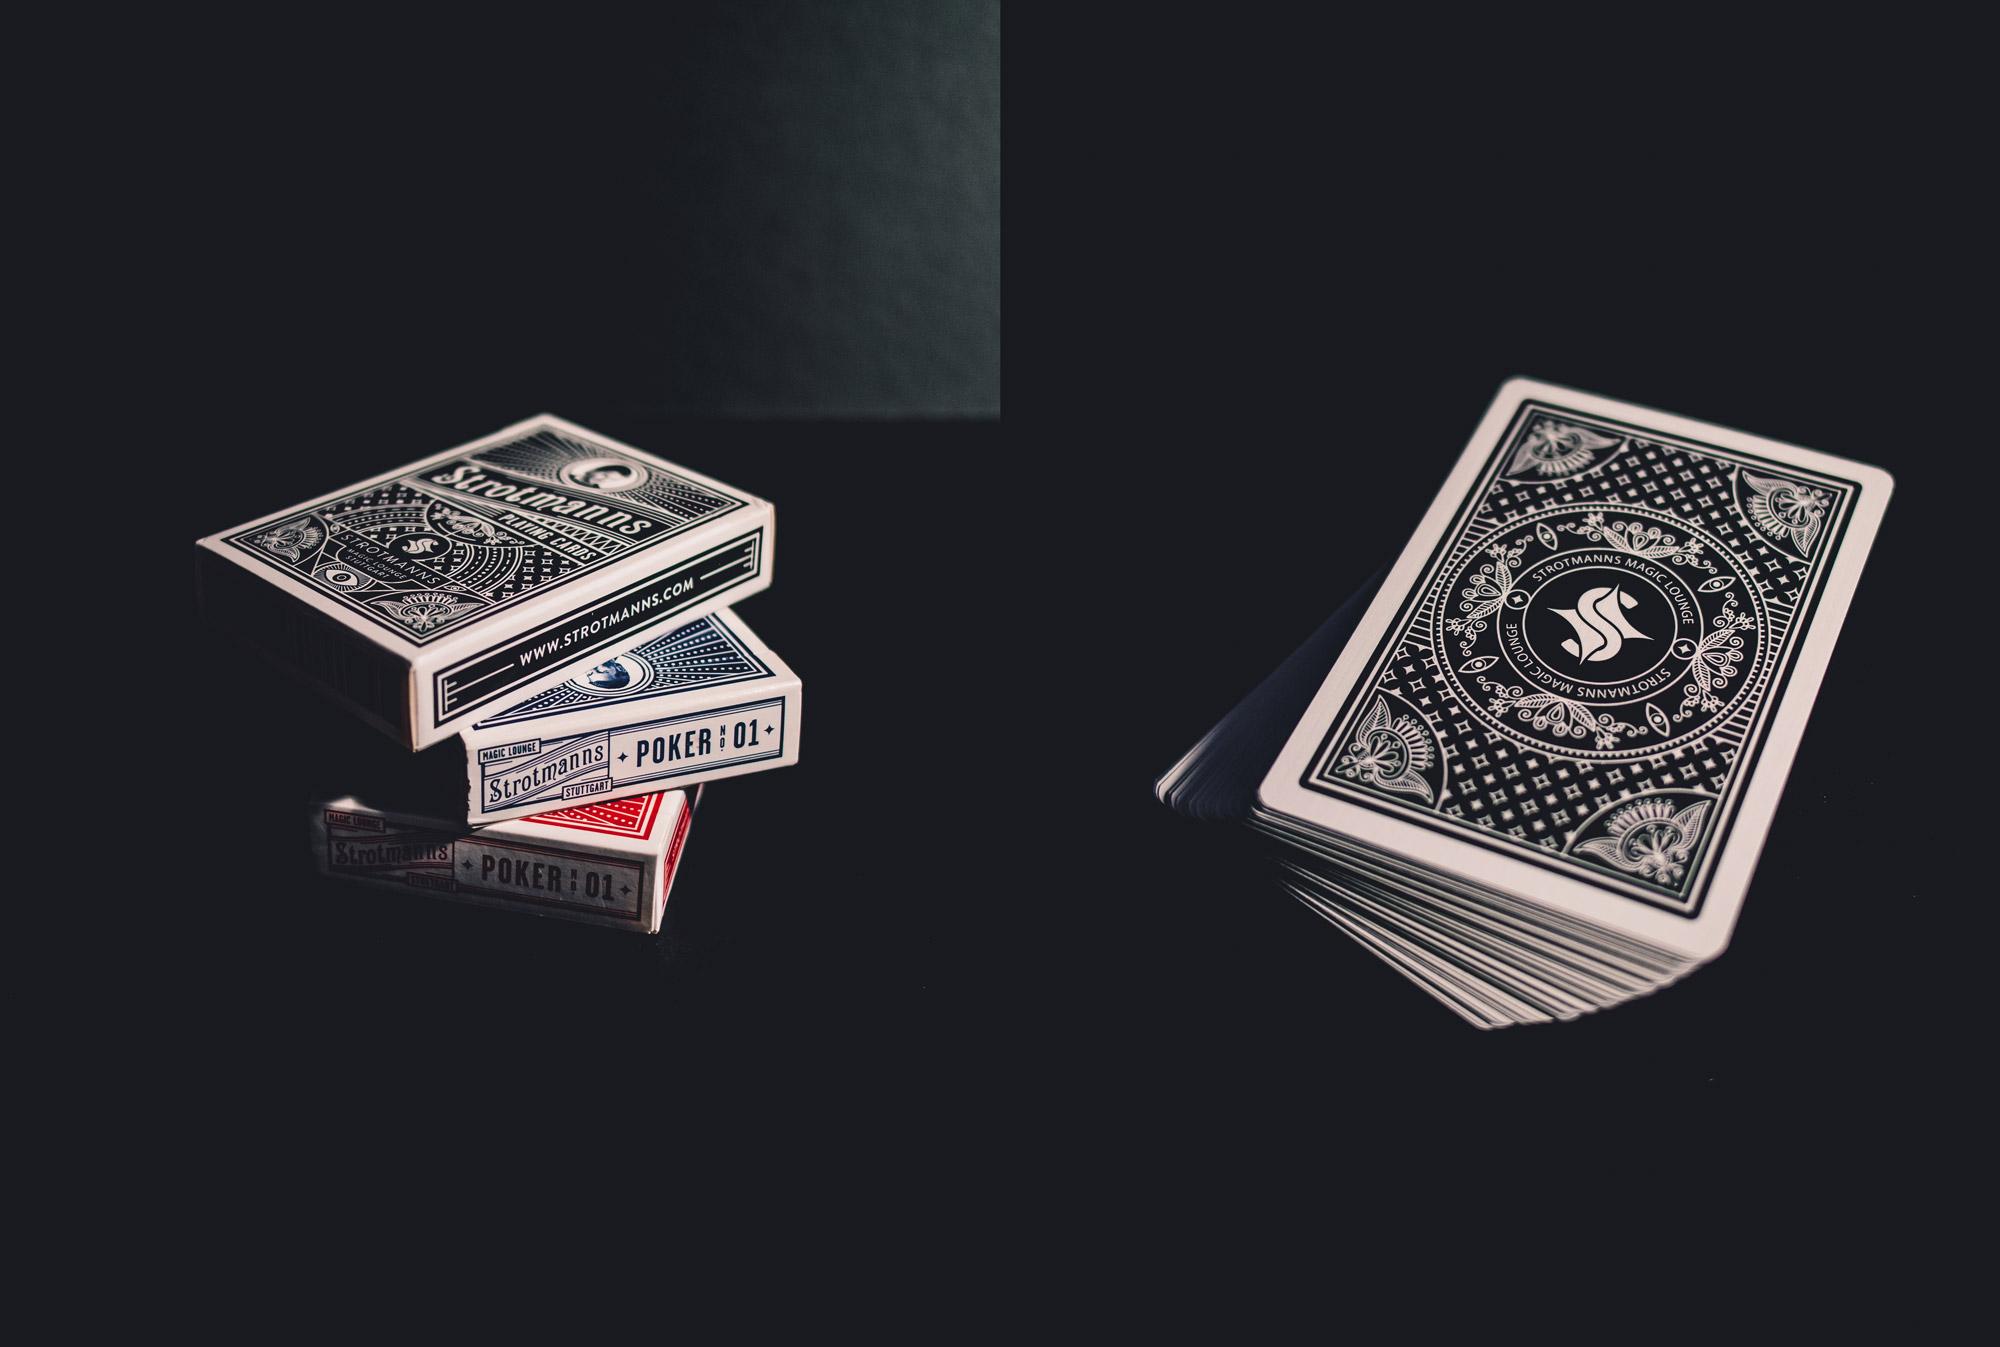 Man sieht links 3 gestapelte Spielkarten-Sets der Strotmanns Magic Lounge, rechts davon einen Stapel mit Spielkarten. Die Gestaltung ist an klassische amerikanische Poker-Playingcards angelehnt. Das Design ist von MAJORMAJOR.